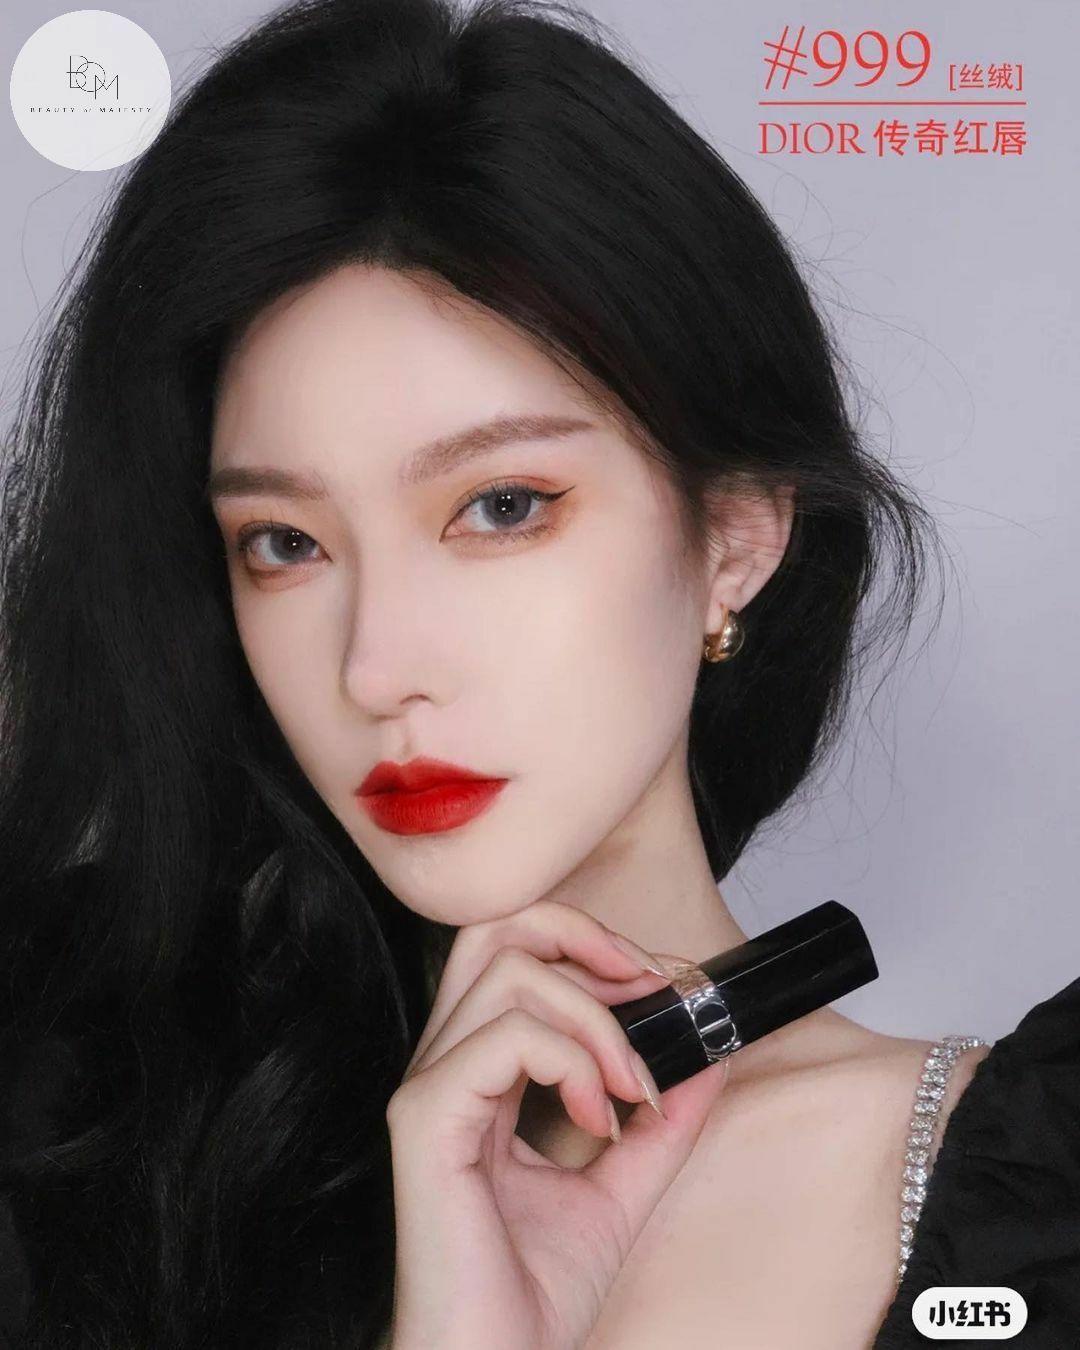 Son thỏi chính hãng Dior 999 tông màu phù hợp với kiểu makeup đậm